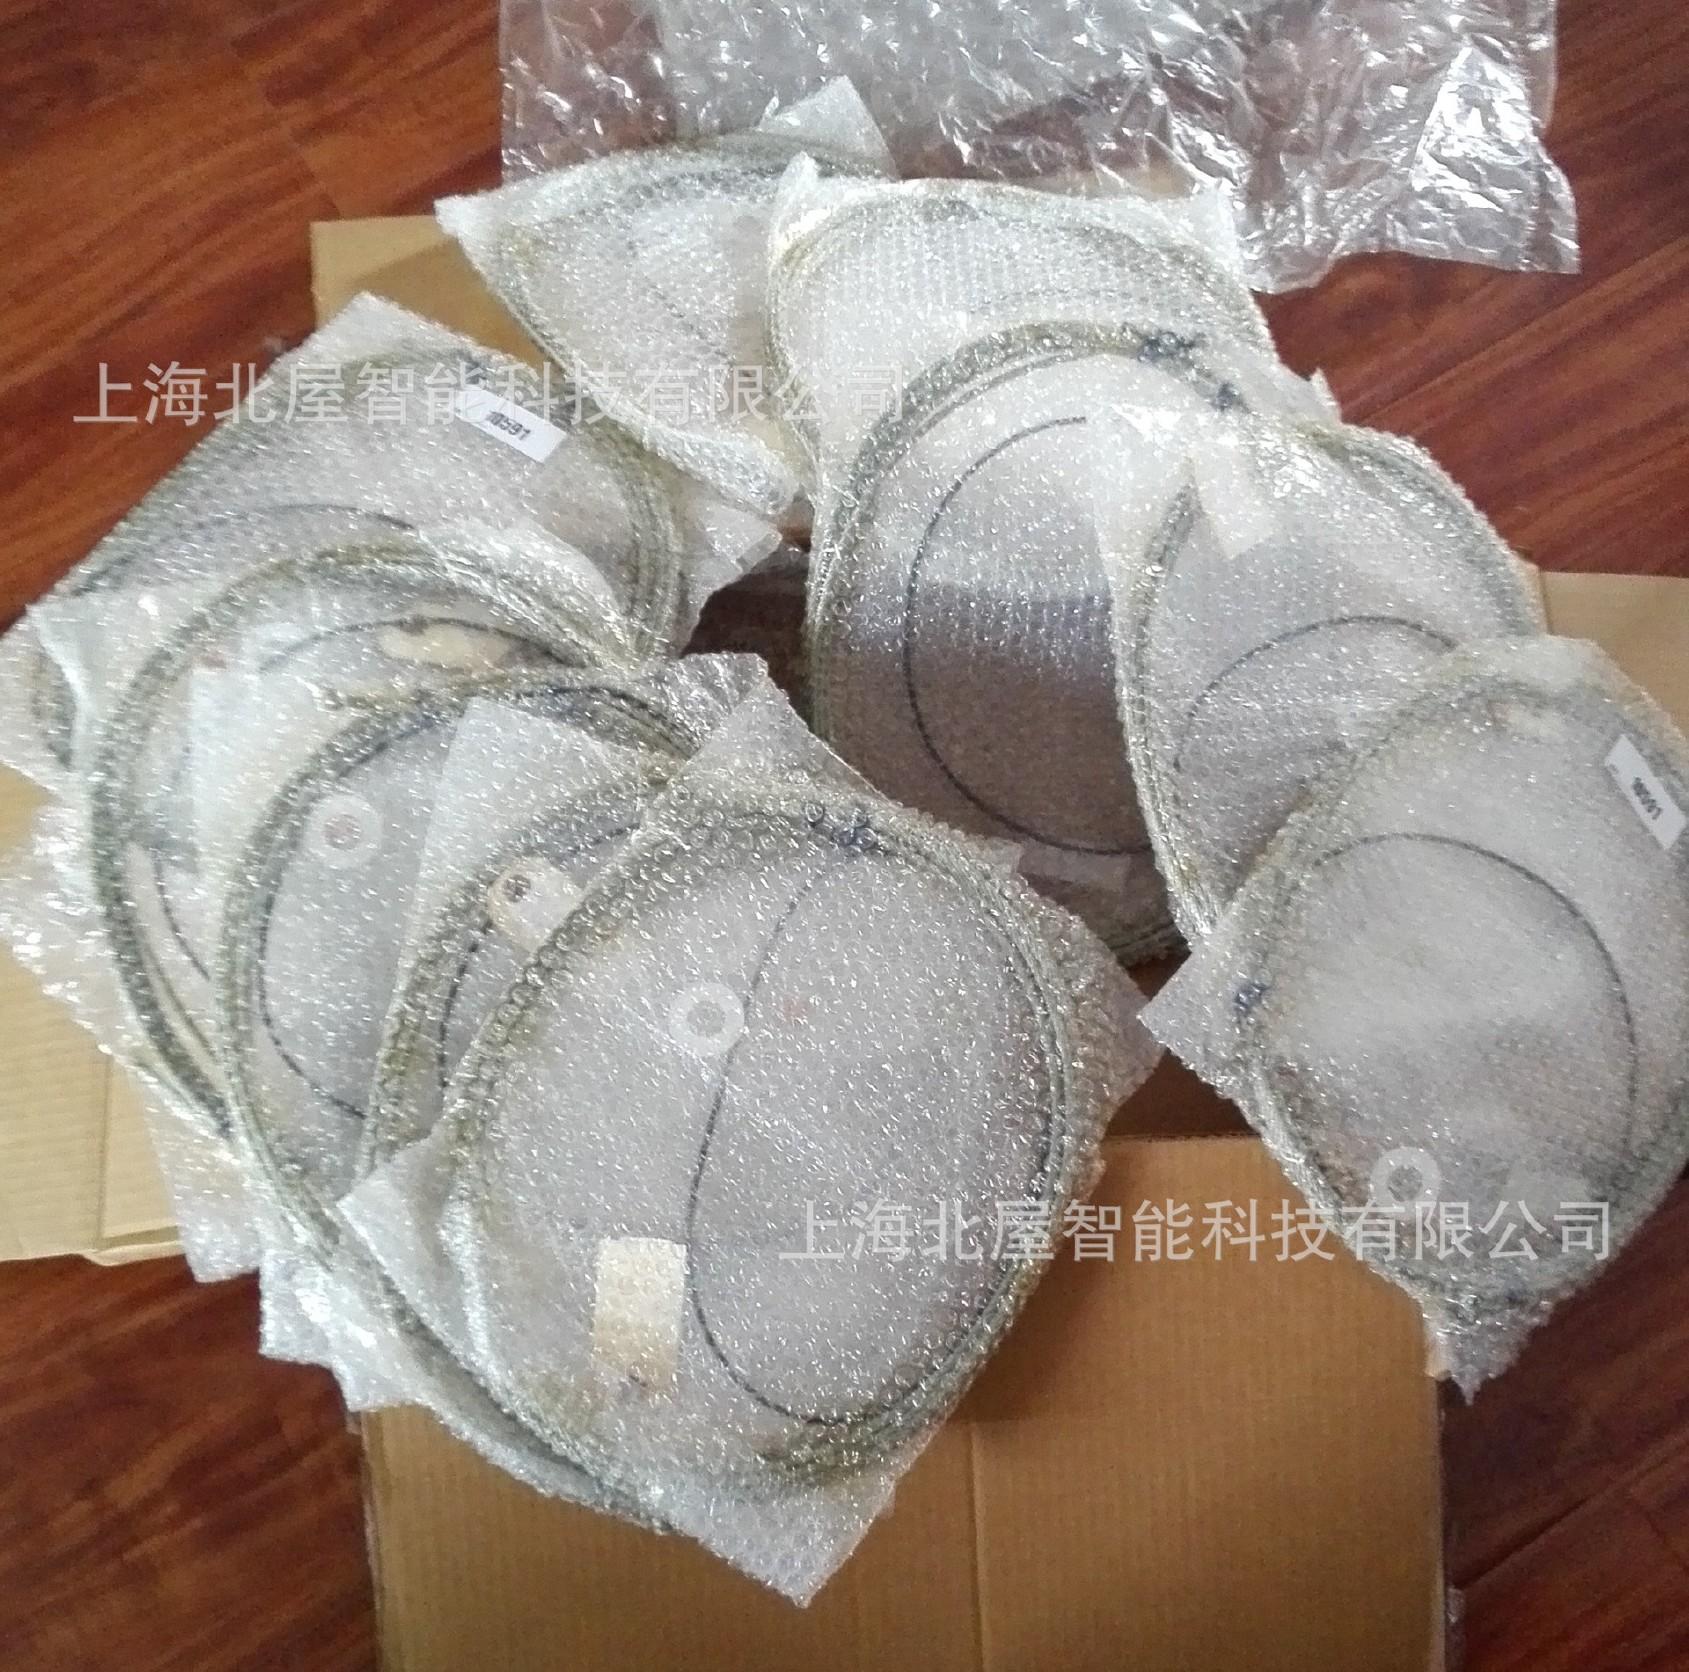 英格索兰平衡吊组件钢丝绳v组件包层高10591图纸看葫芦在哪图片